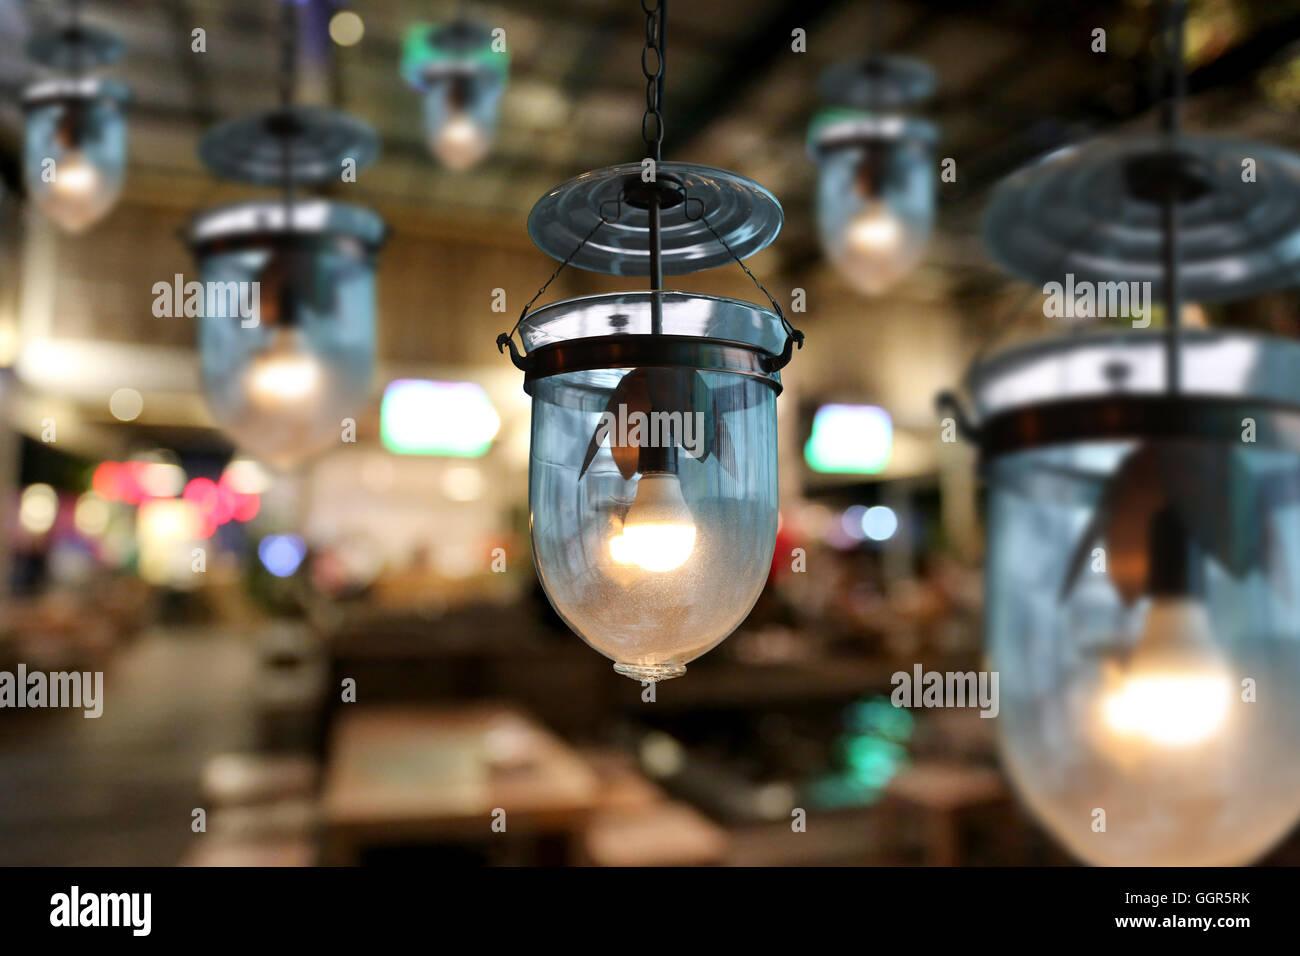 Illuminazione calda moderne lampade da soffitto in cafe e la